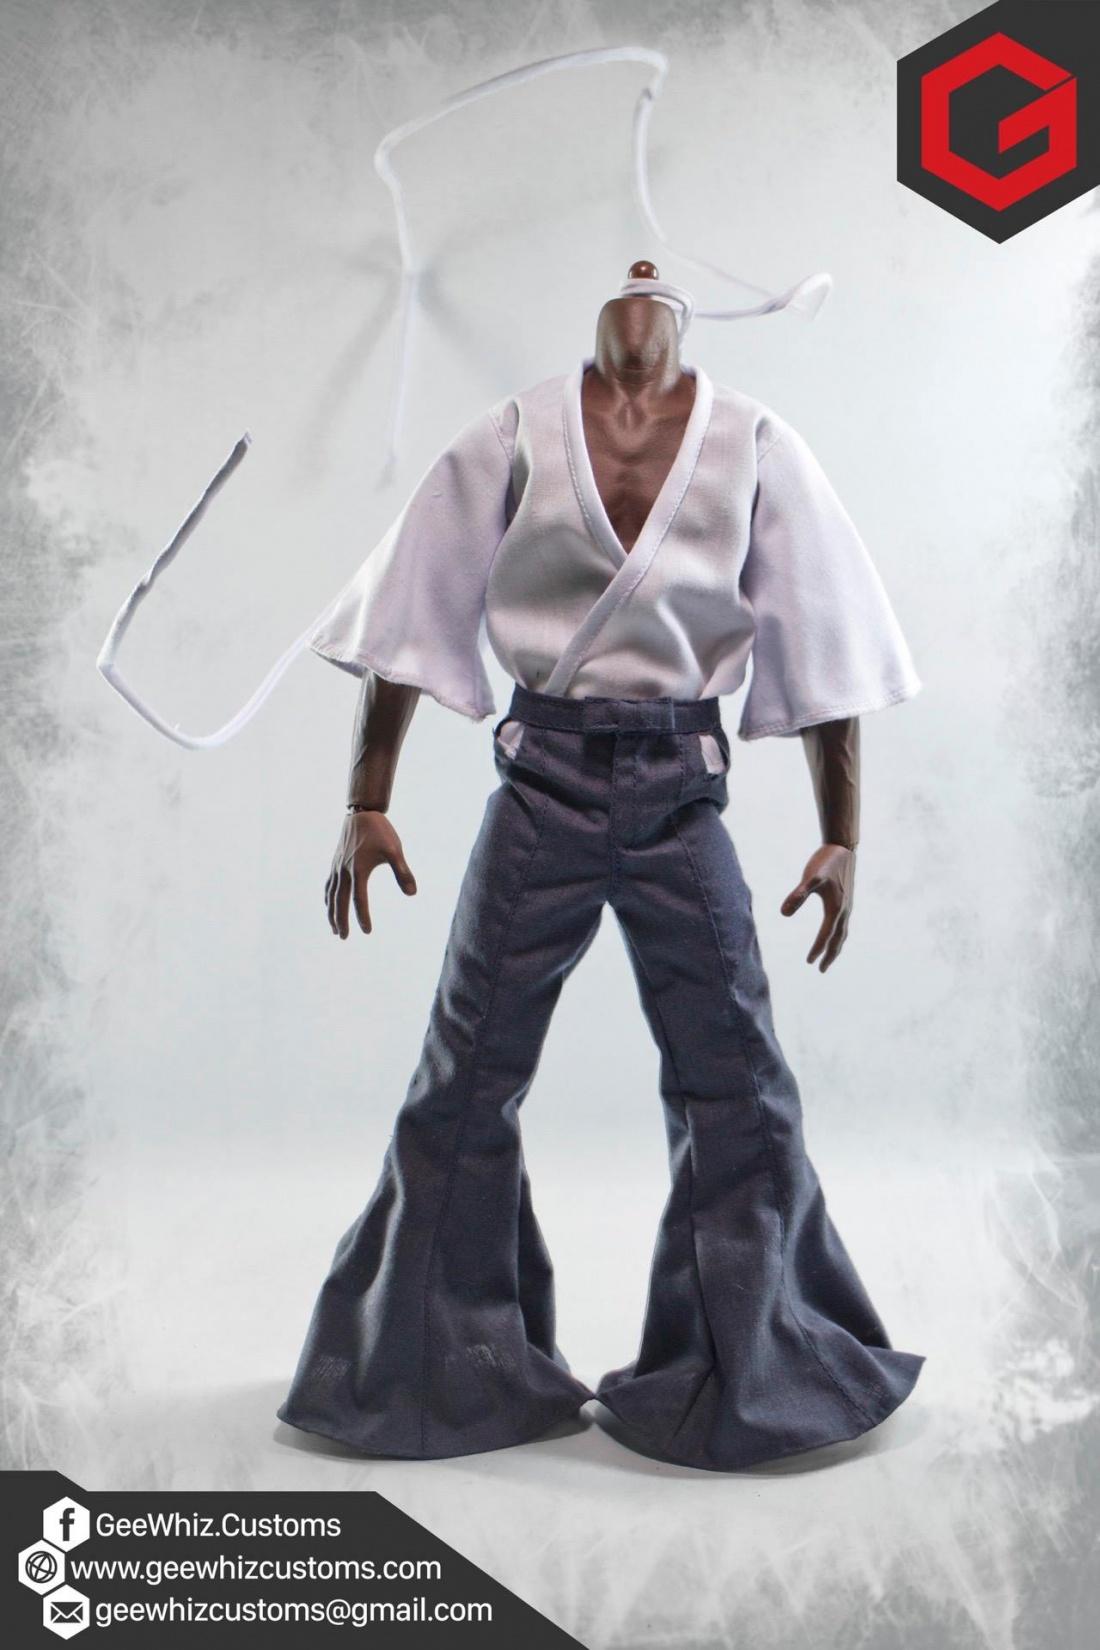 Geewhiz Customs Custom 1 6 Scale Afro Samurai Clothing